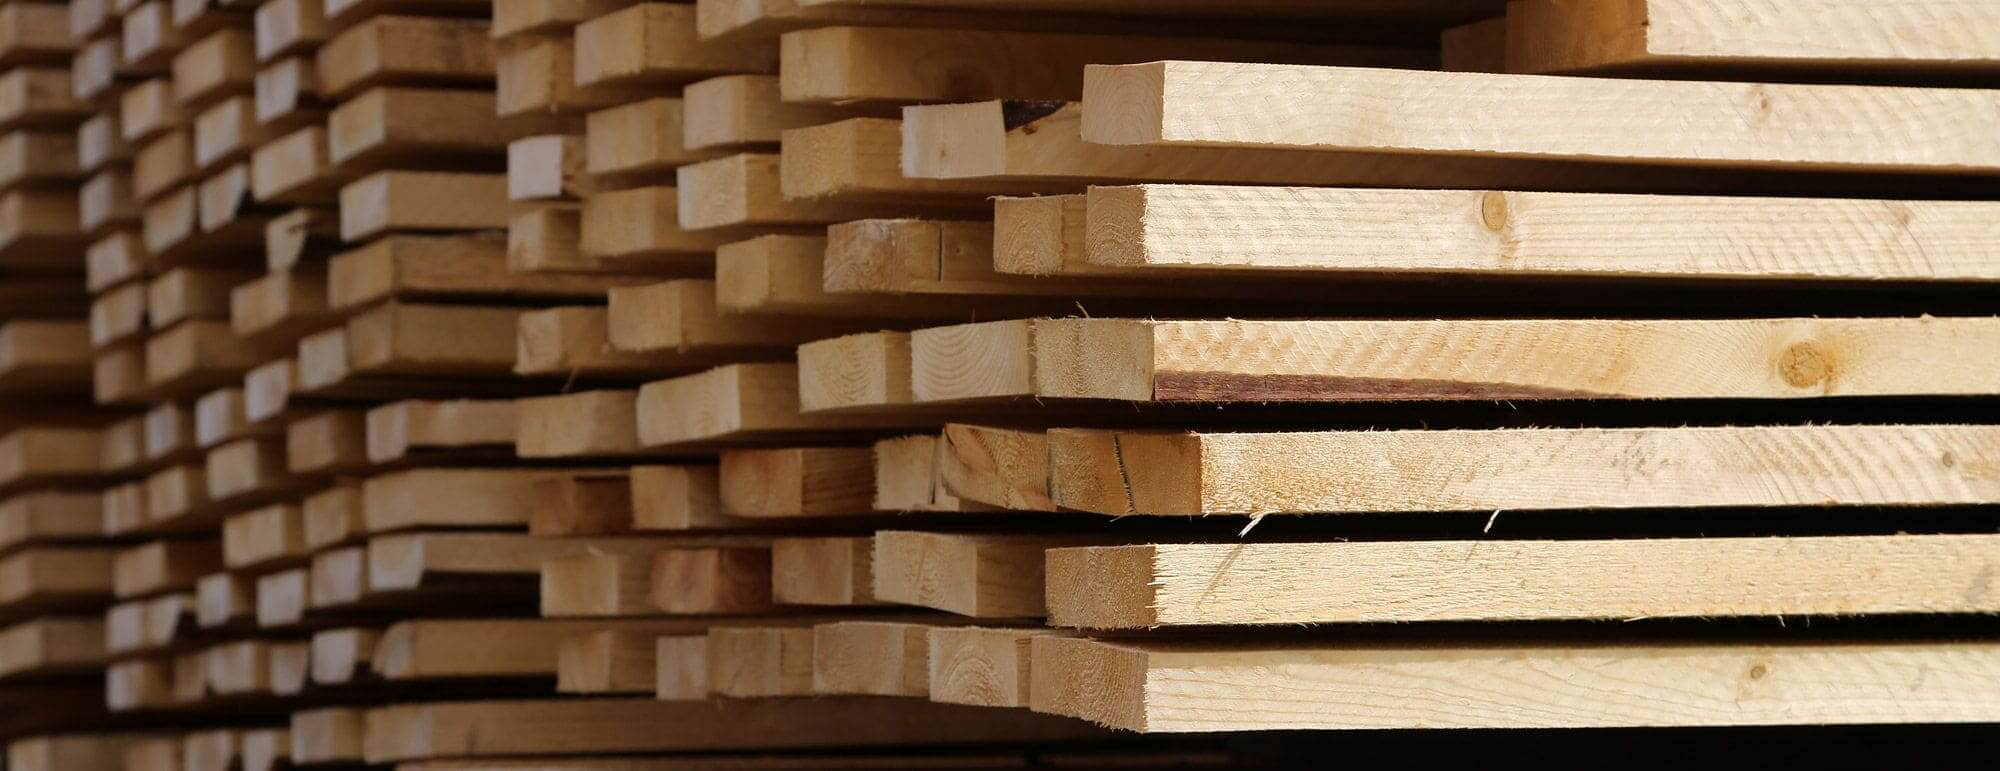 Nahaufnahme von Holzbalken